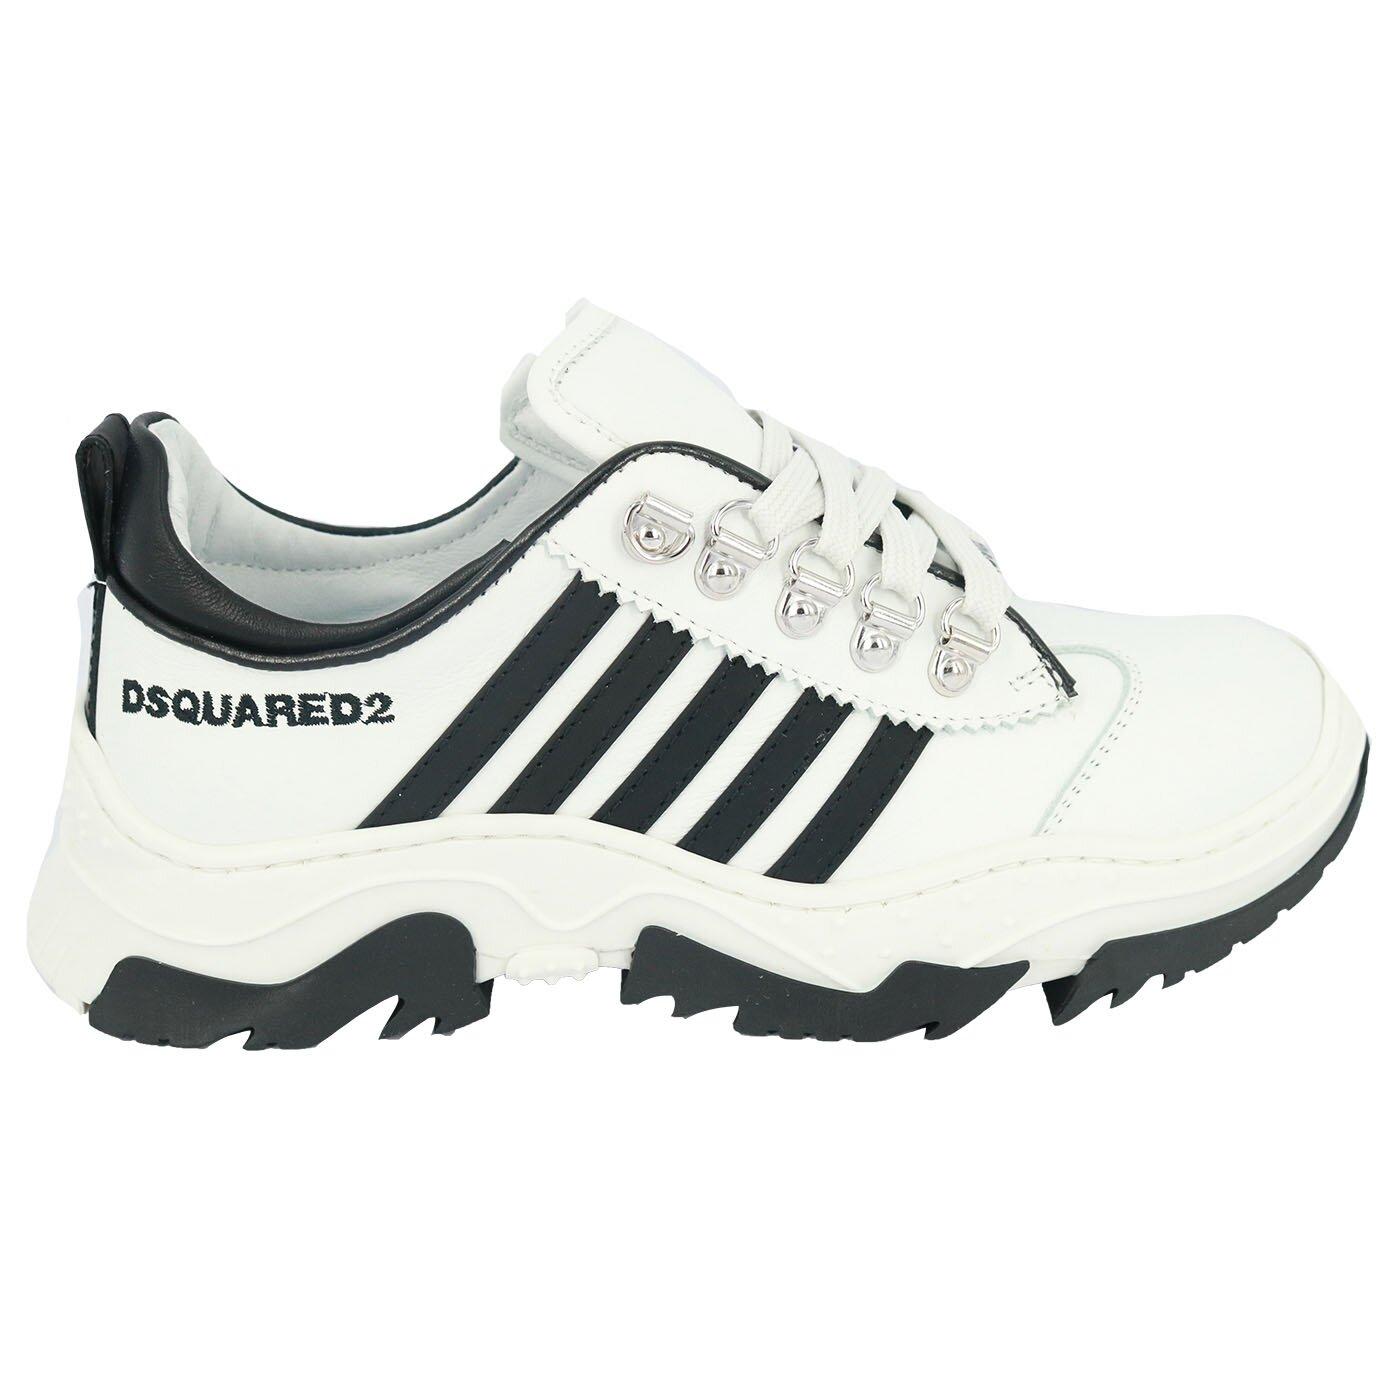 Dsquared2 Sneakers wit met zwarte strepen